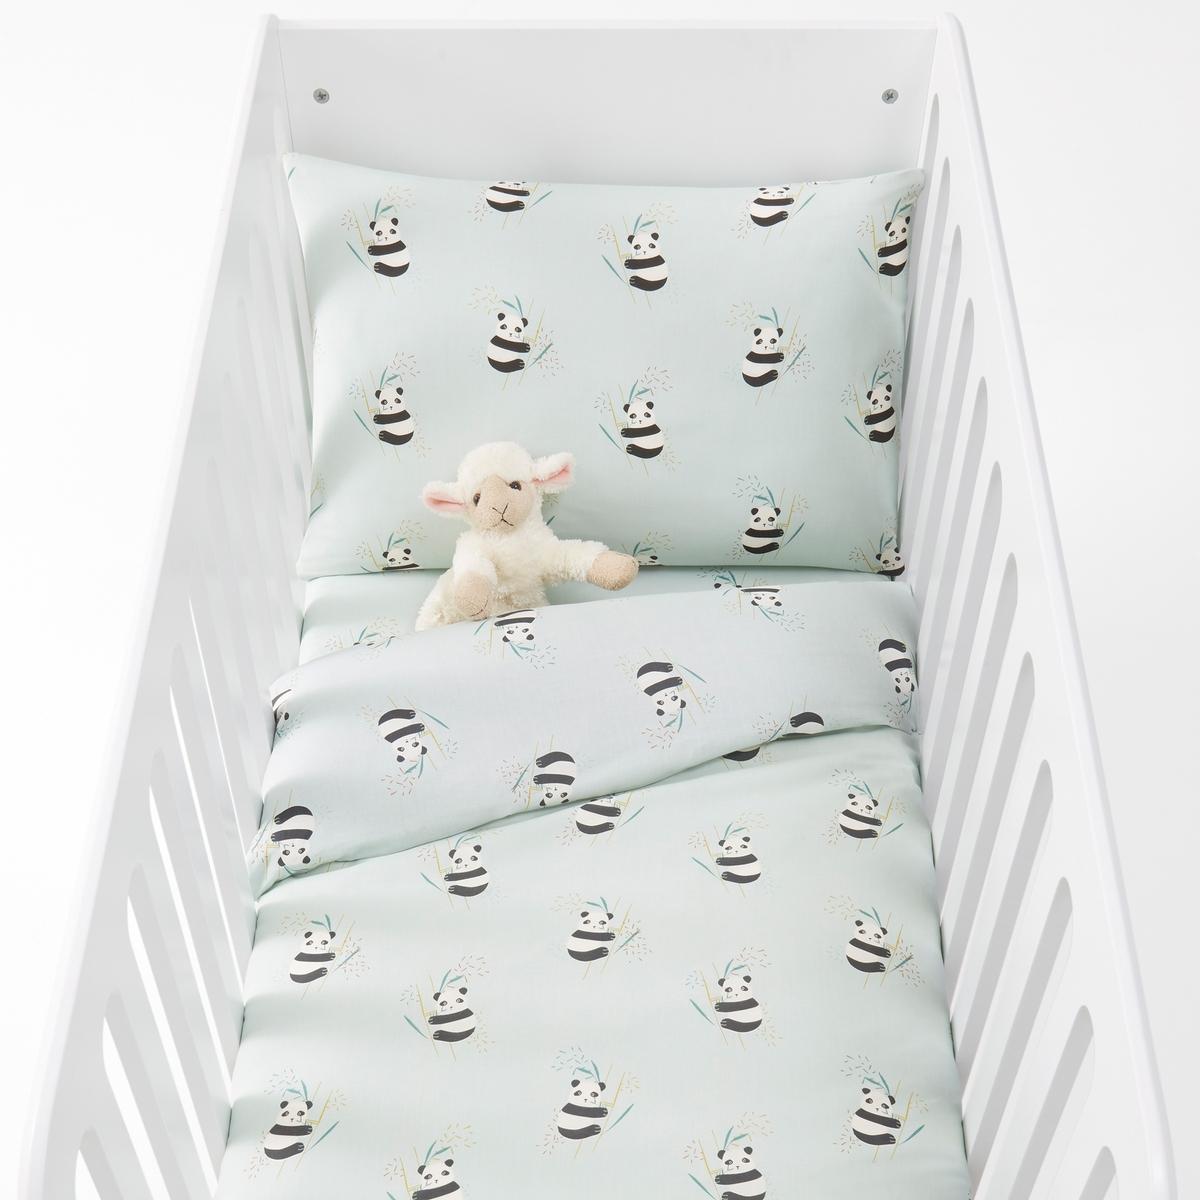 Комплект постельного белья для детской кроватки с рисунком панды VICTORХарактеристики постельного белья для детской кроватки с рисунком панды Victor  :Сплошной рисунок панды на лицевой и оборотной стороне100% хлопка, 57 нитей/см2Чем больше нитей/см2, тем выше качество ткани.Машинная стирка при 60 °СПододеяльник с клапаном внизуРазмеры постельного белья для детской кроватки с рисунком панды Victor  :Наволочка 40 x 60 смПододеяльник 80 x 120 смЗнак Oeko-Tex® гарантирует, что товары прошли проверку и были изготовлены без применения вредных для здоровья человека веществ.<br><br>Цвет: рисунок/зеленый<br>Размер: 80 x 120  см